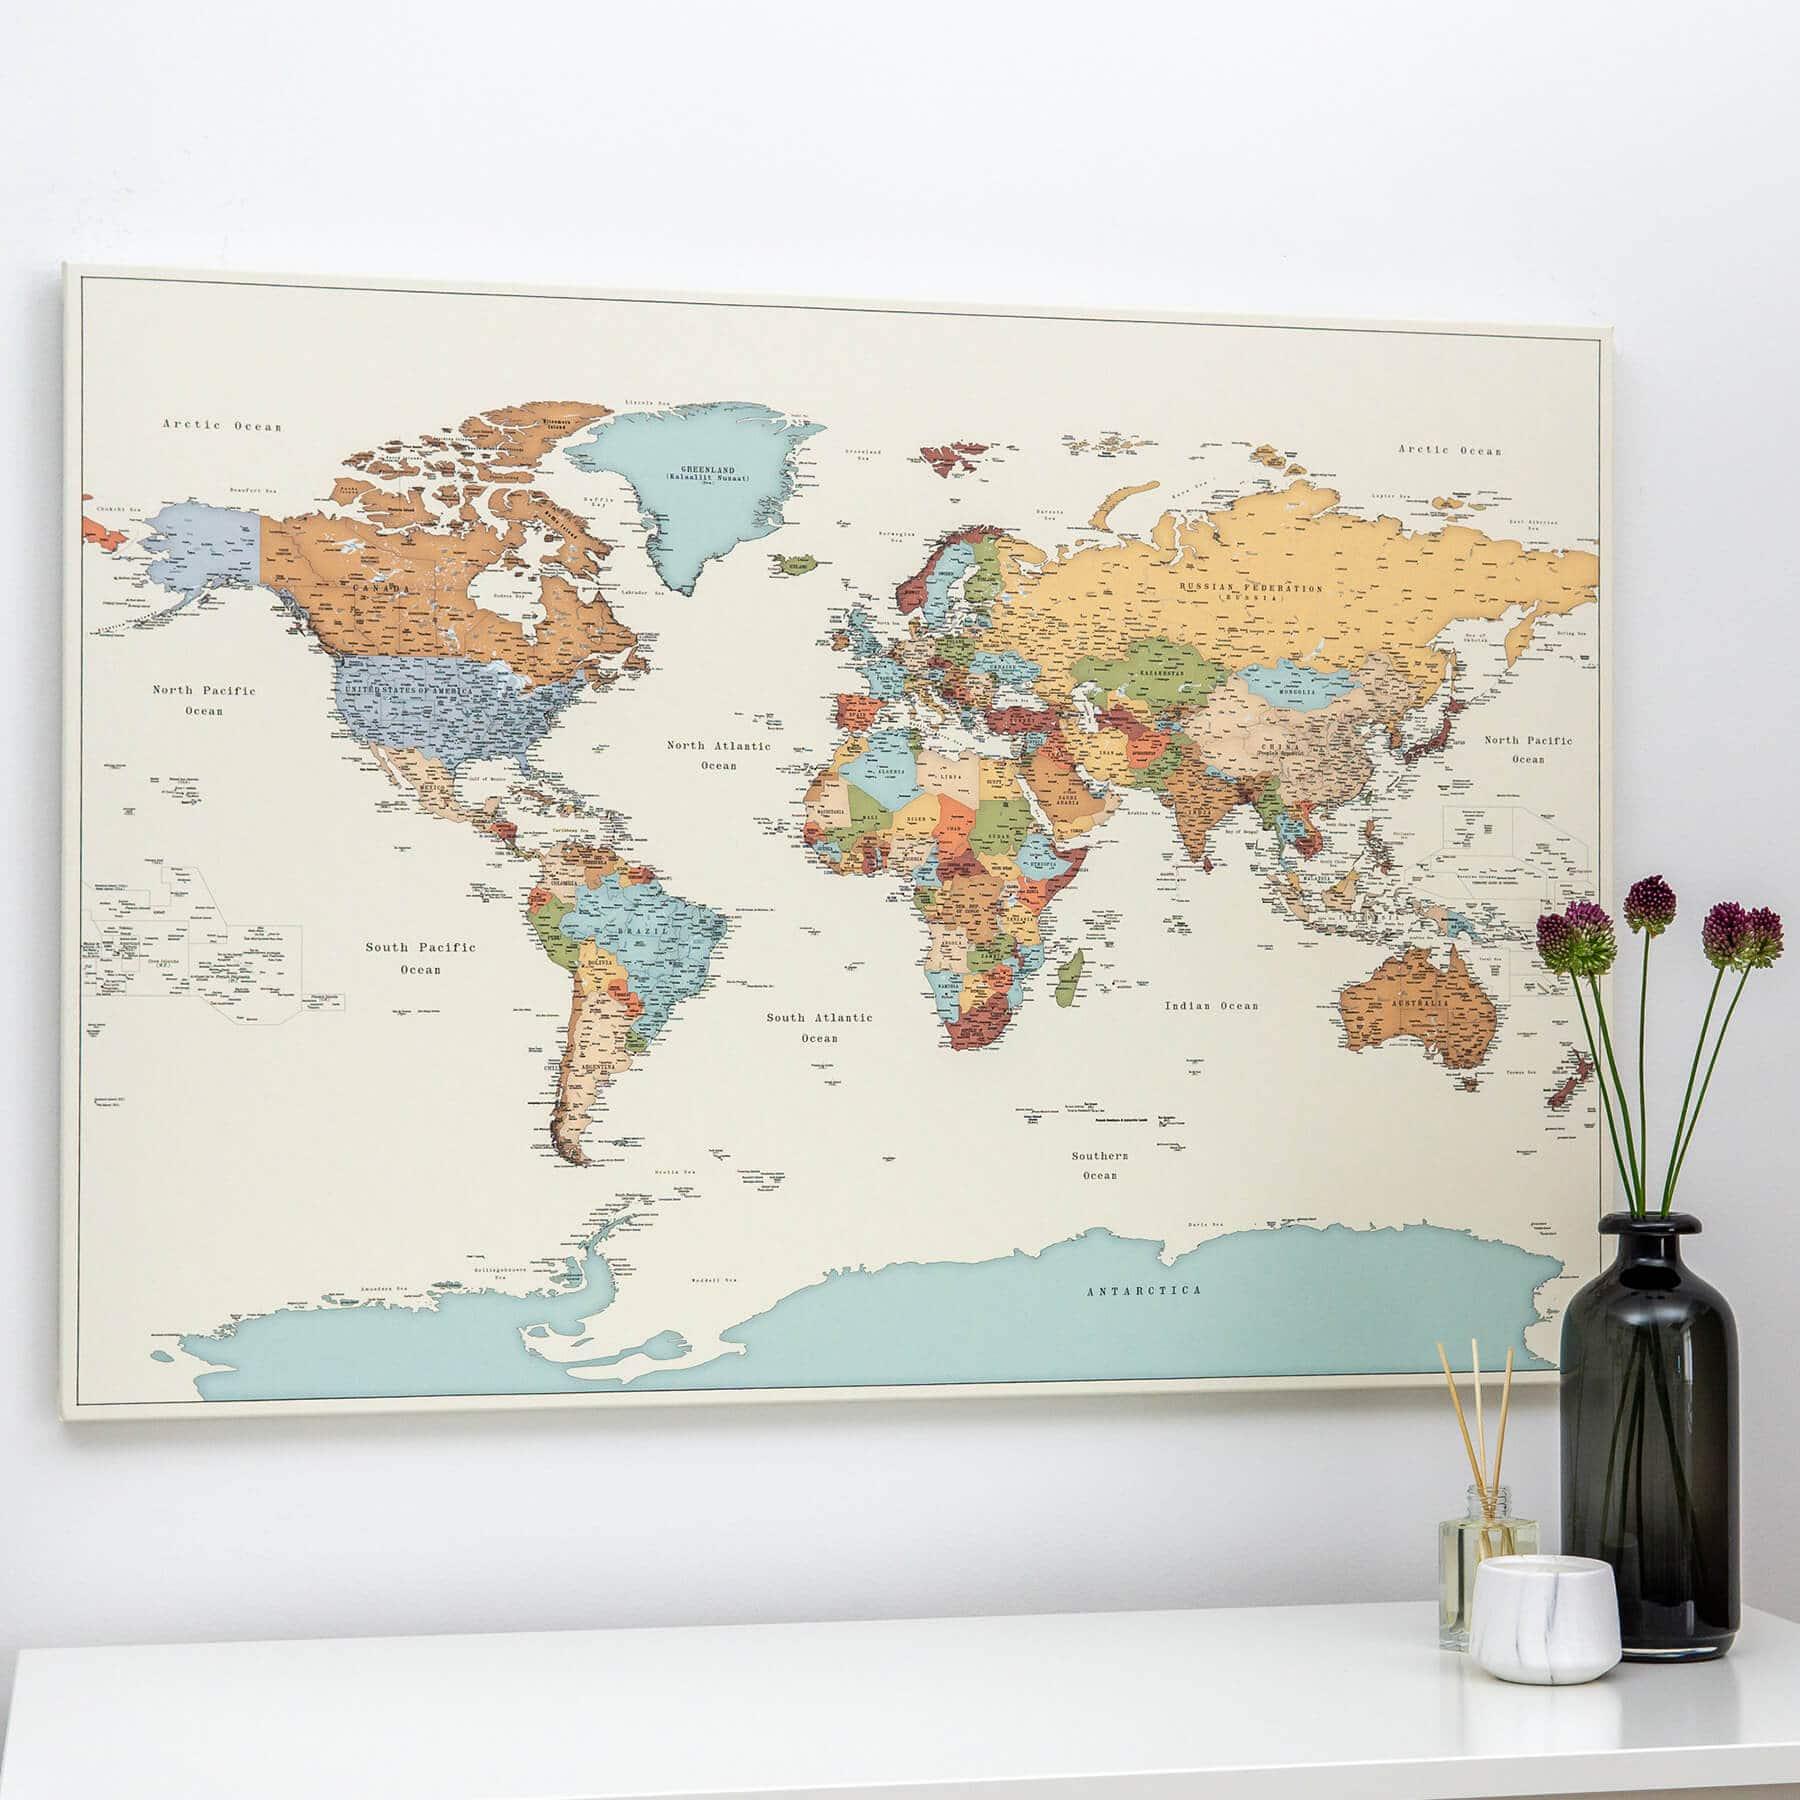 Hochwertige Bunte Reise Pinnwand EUROPAKARTE Canvas Pins und PERSONALISIERUNG Personalisiert mit PinDeineWelt Namen inkl Gr/ö/ße: 100x135 cm Pinnwand XXL